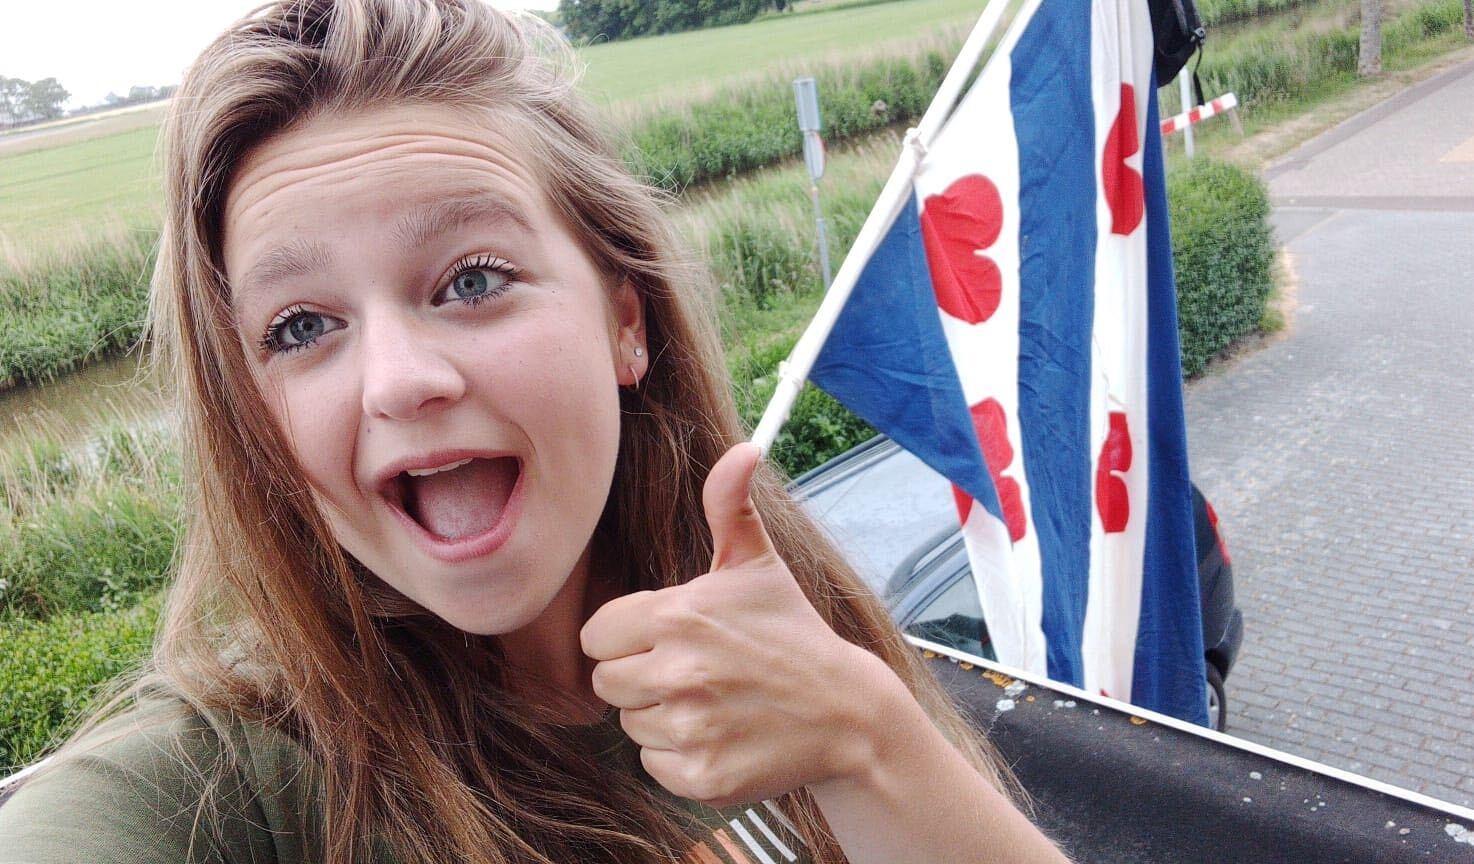 Een foto van een jonge meid die haar duim opsteekt, achter haar hangt een Friese vlag met tas eraan